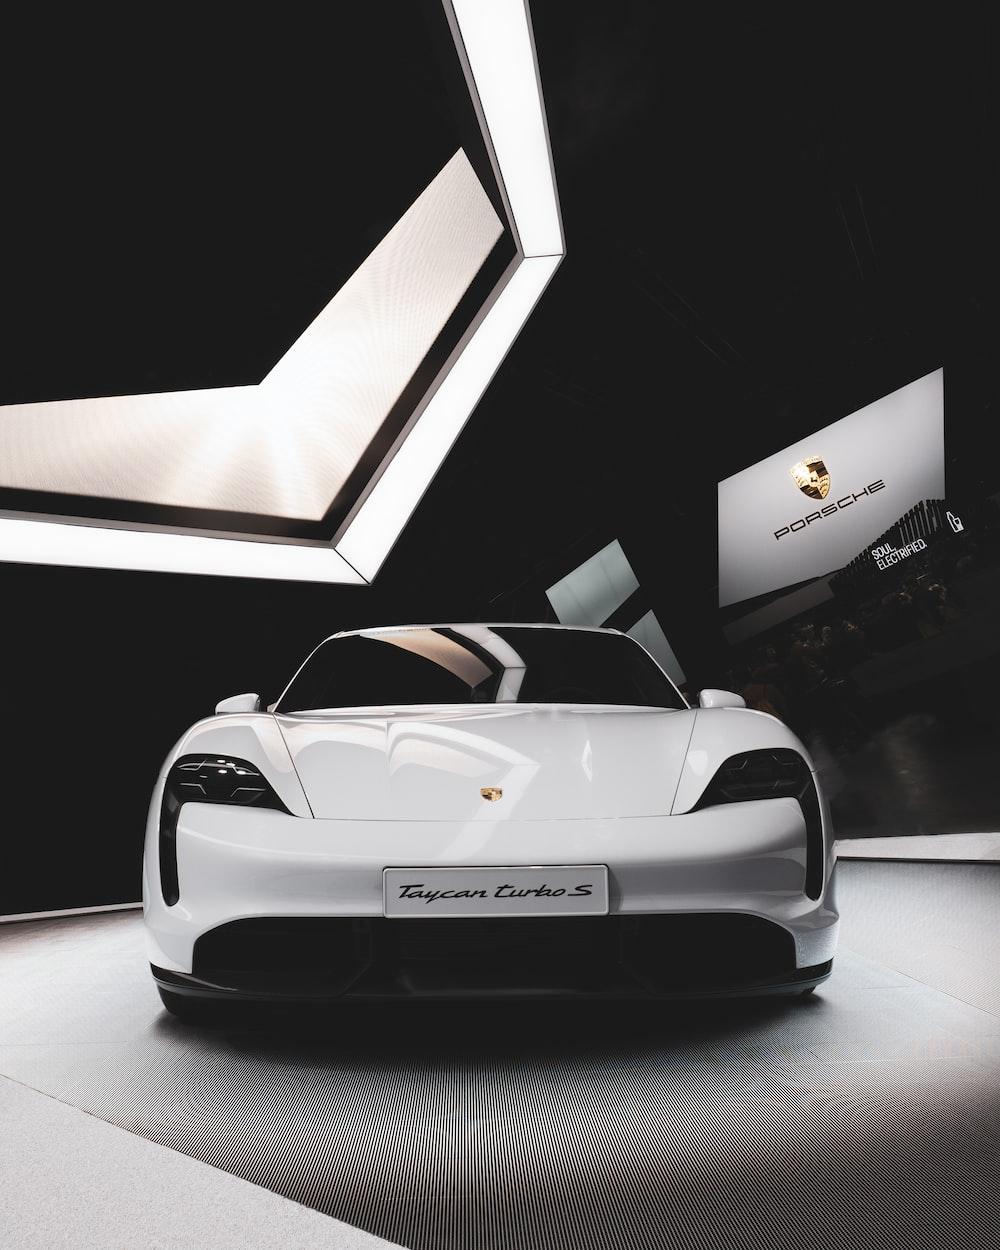 white Porsche turbo S